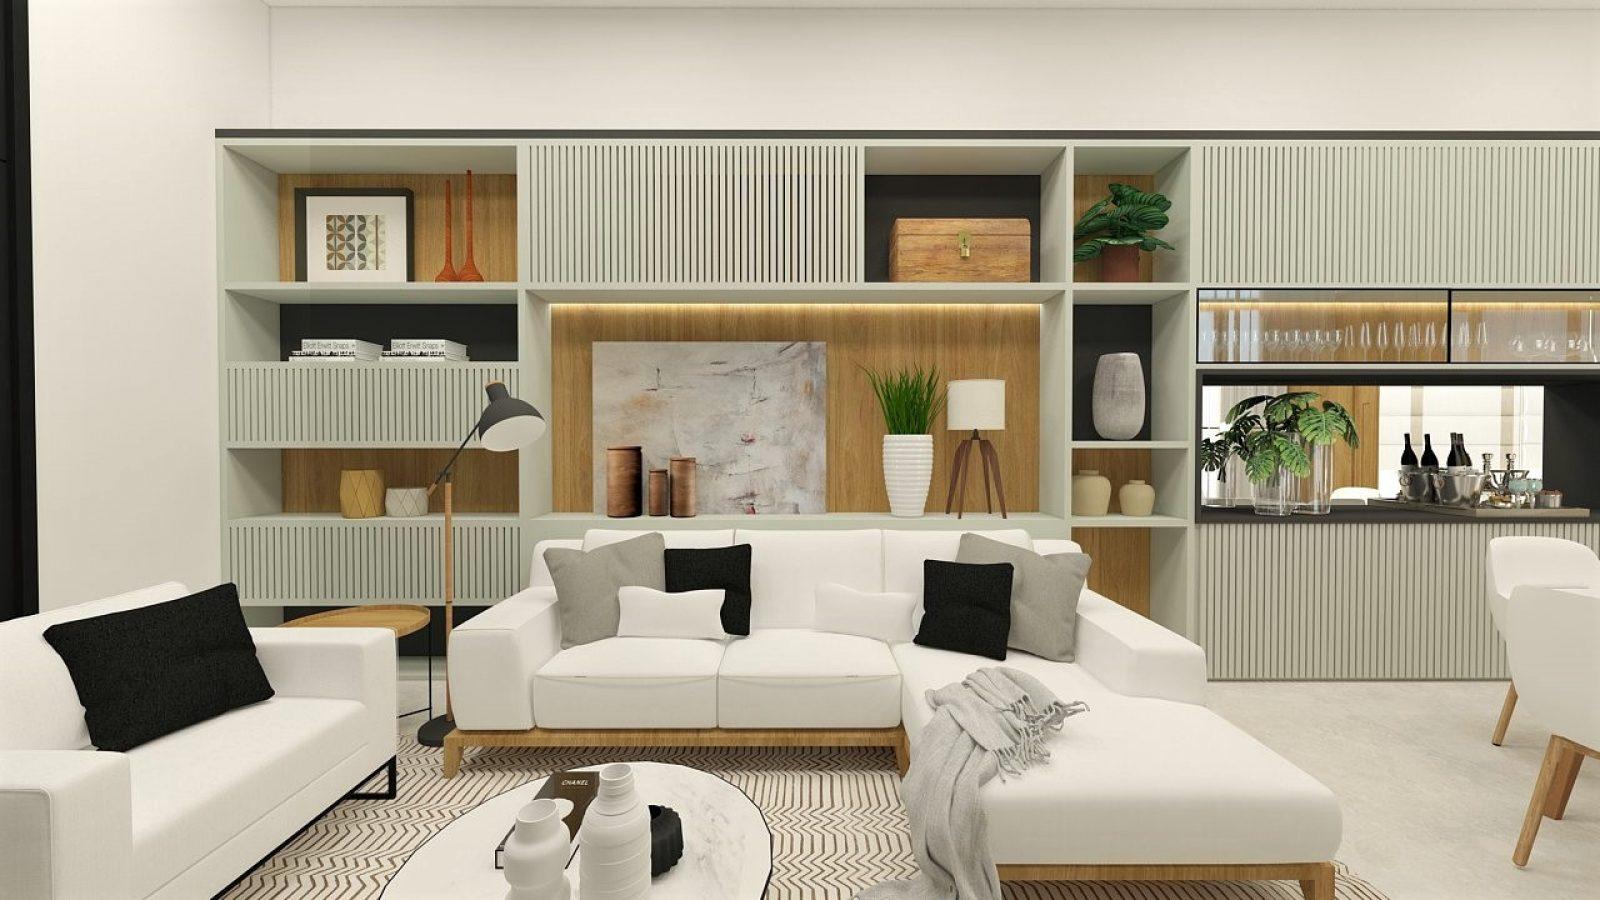 Sala de estar com sofás brancos e almofadas pretas. Estante com quadros e plantas ao fundo.